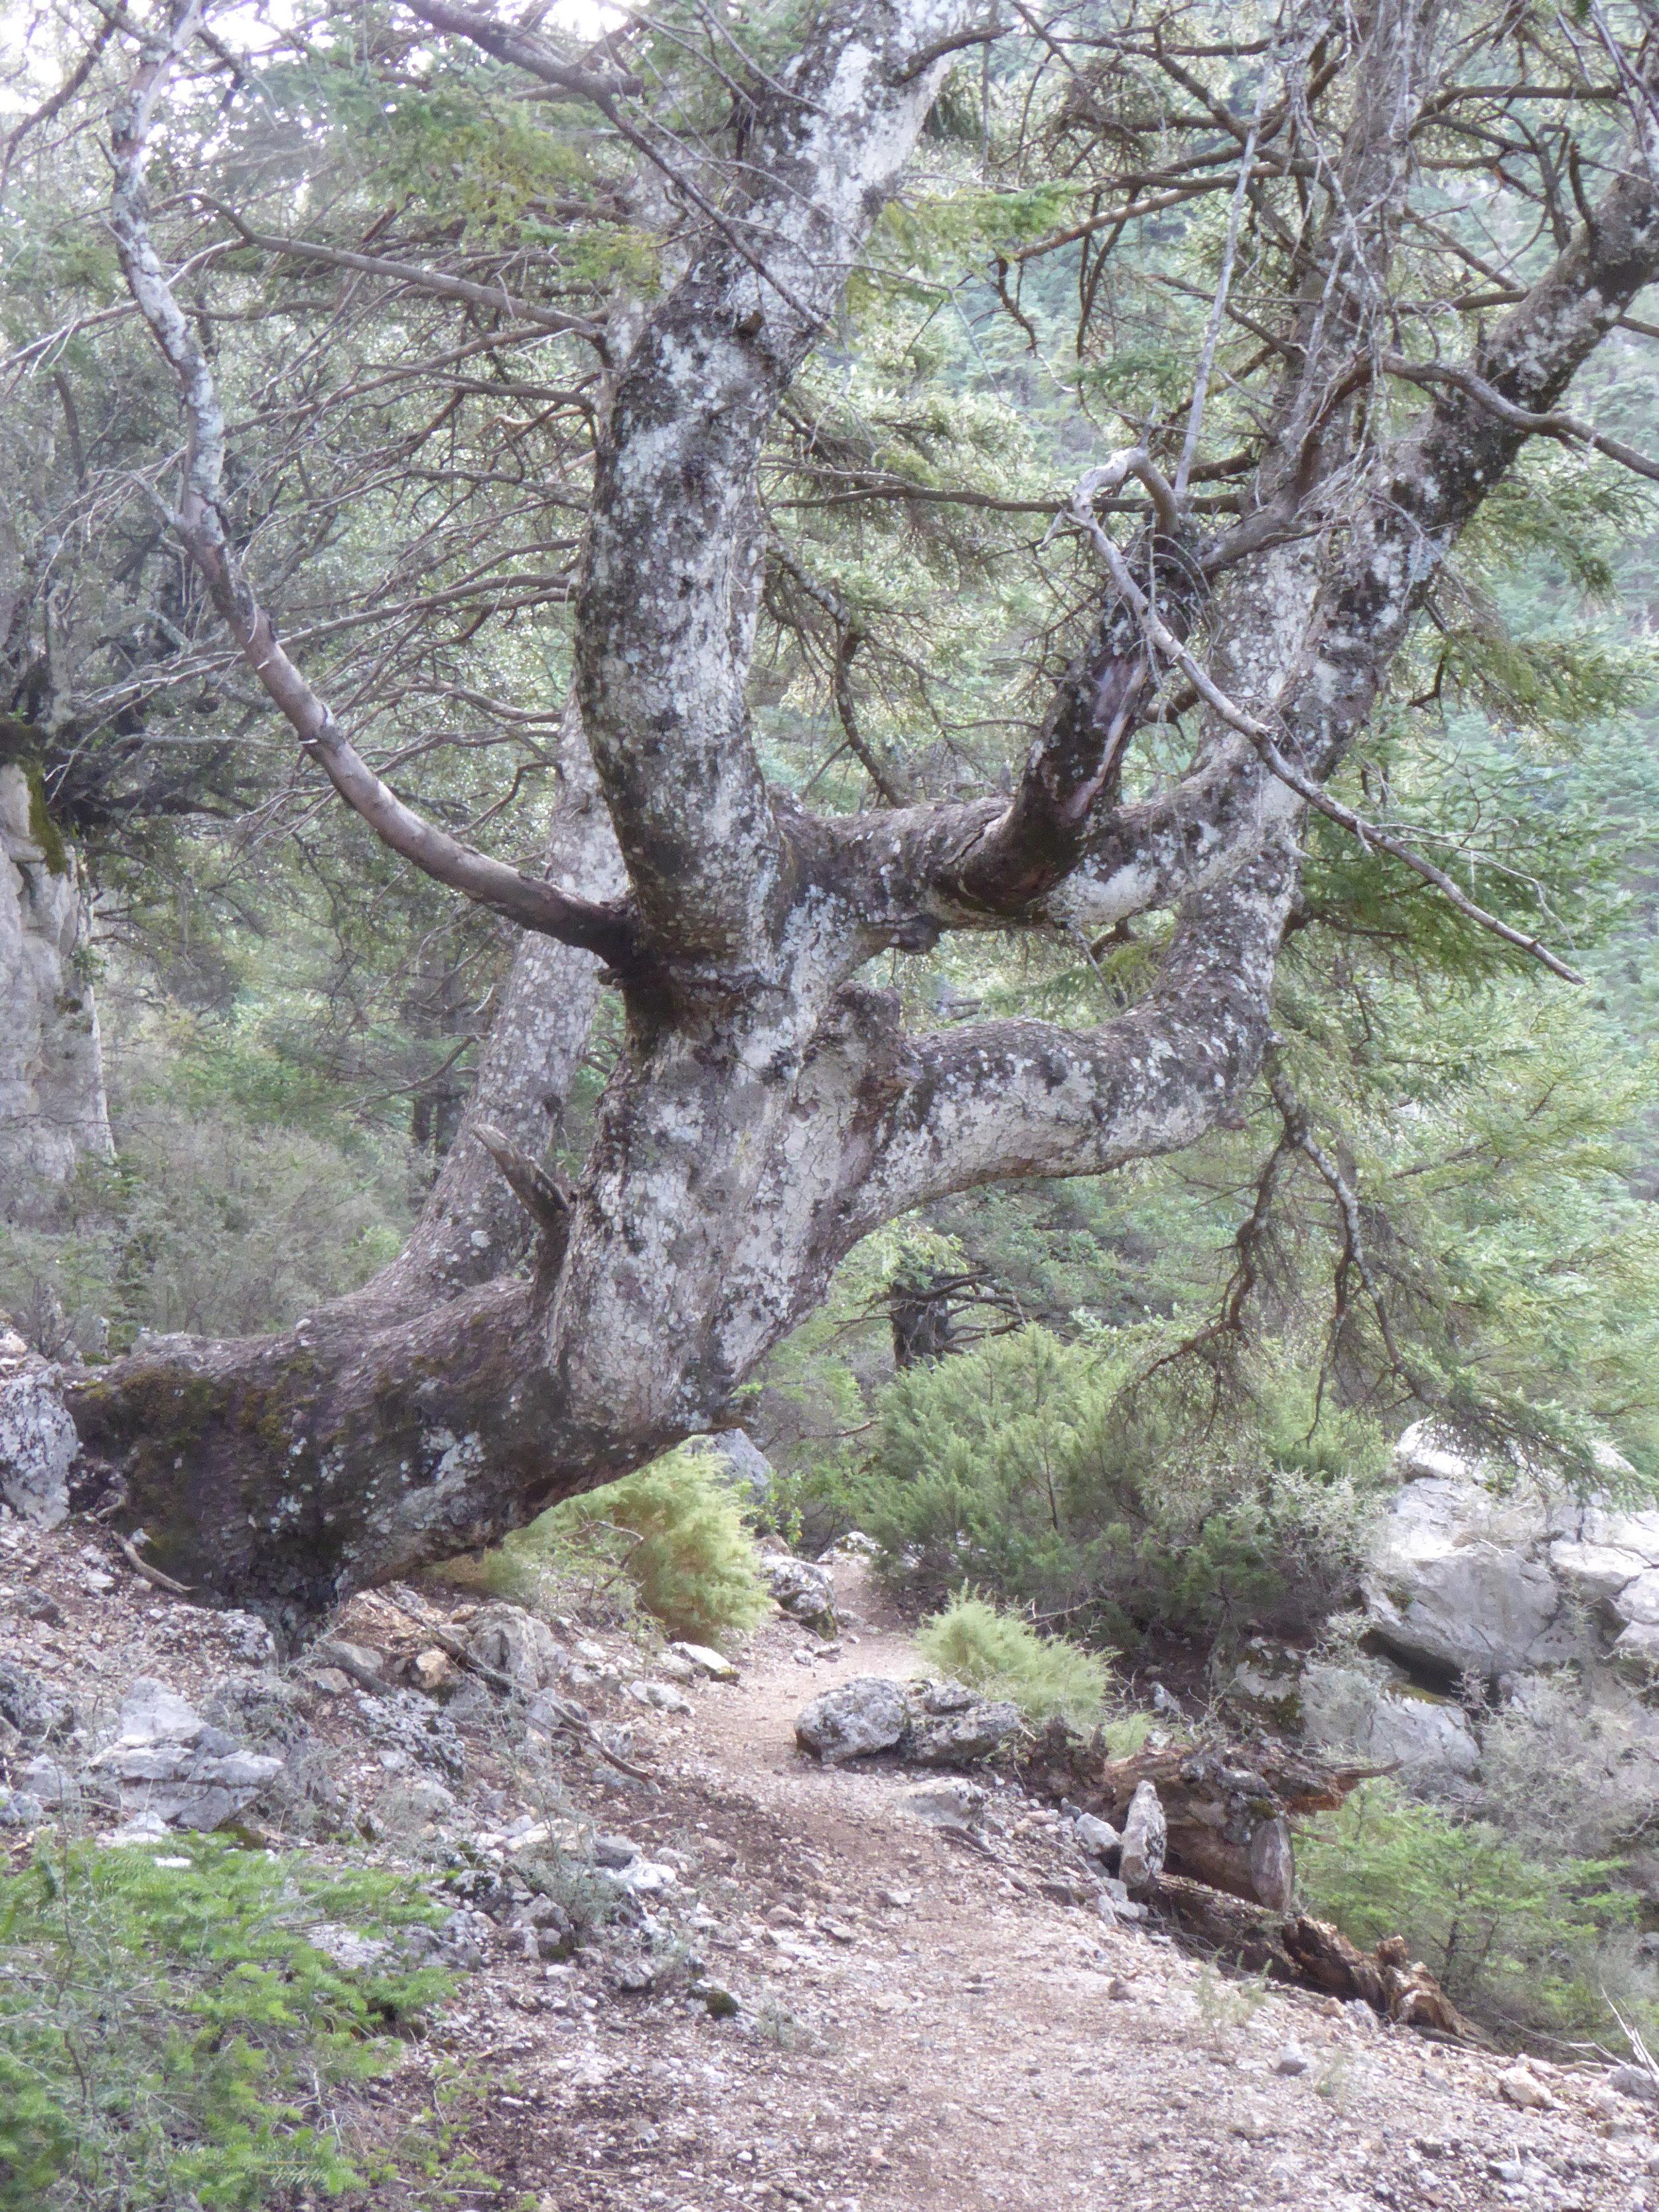 Spanish Fir, Abies pinsapo